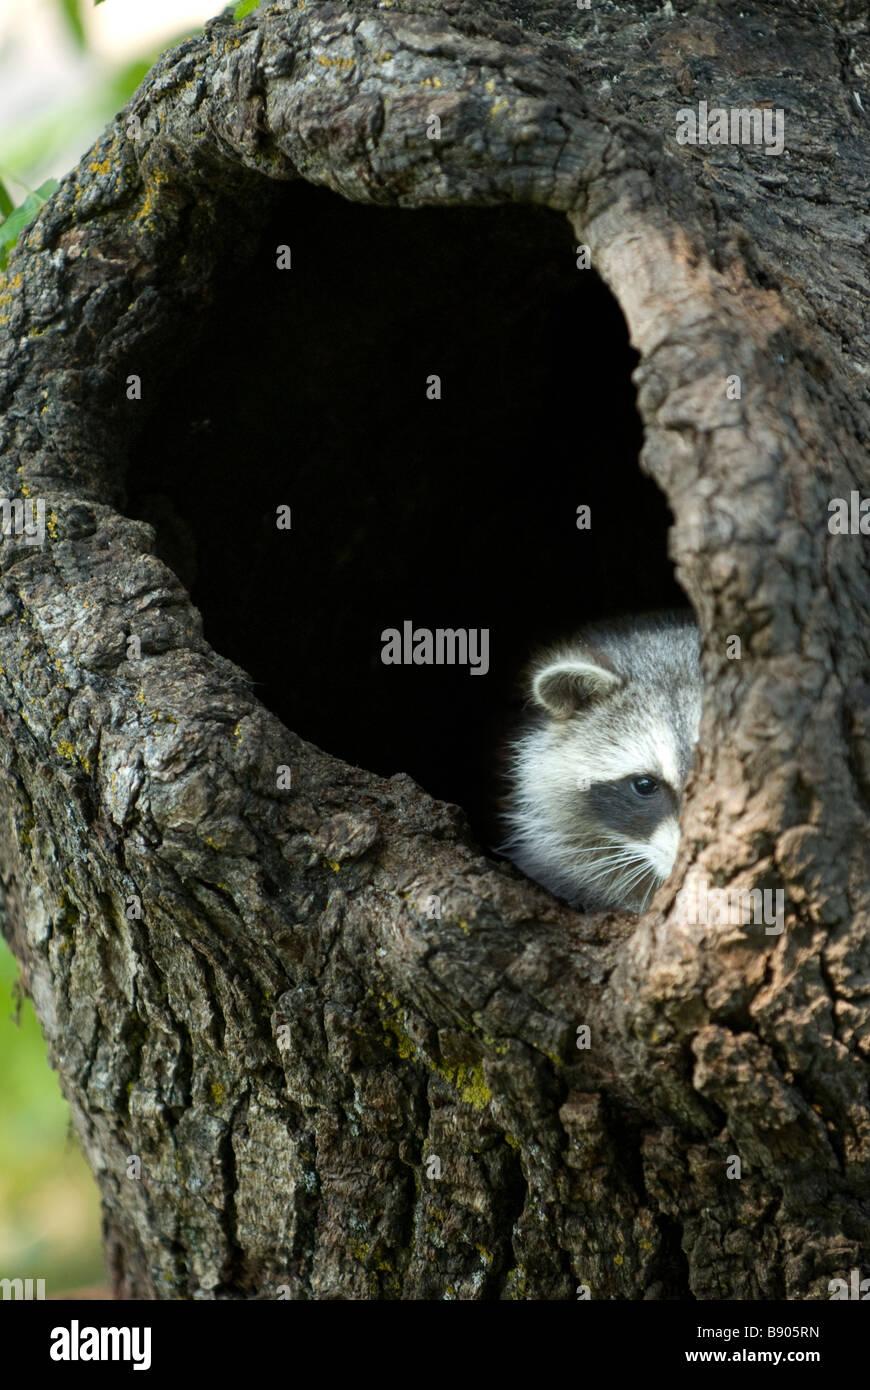 Raccoon asoma desde un agujero en el tronco de un árbol Imagen De Stock